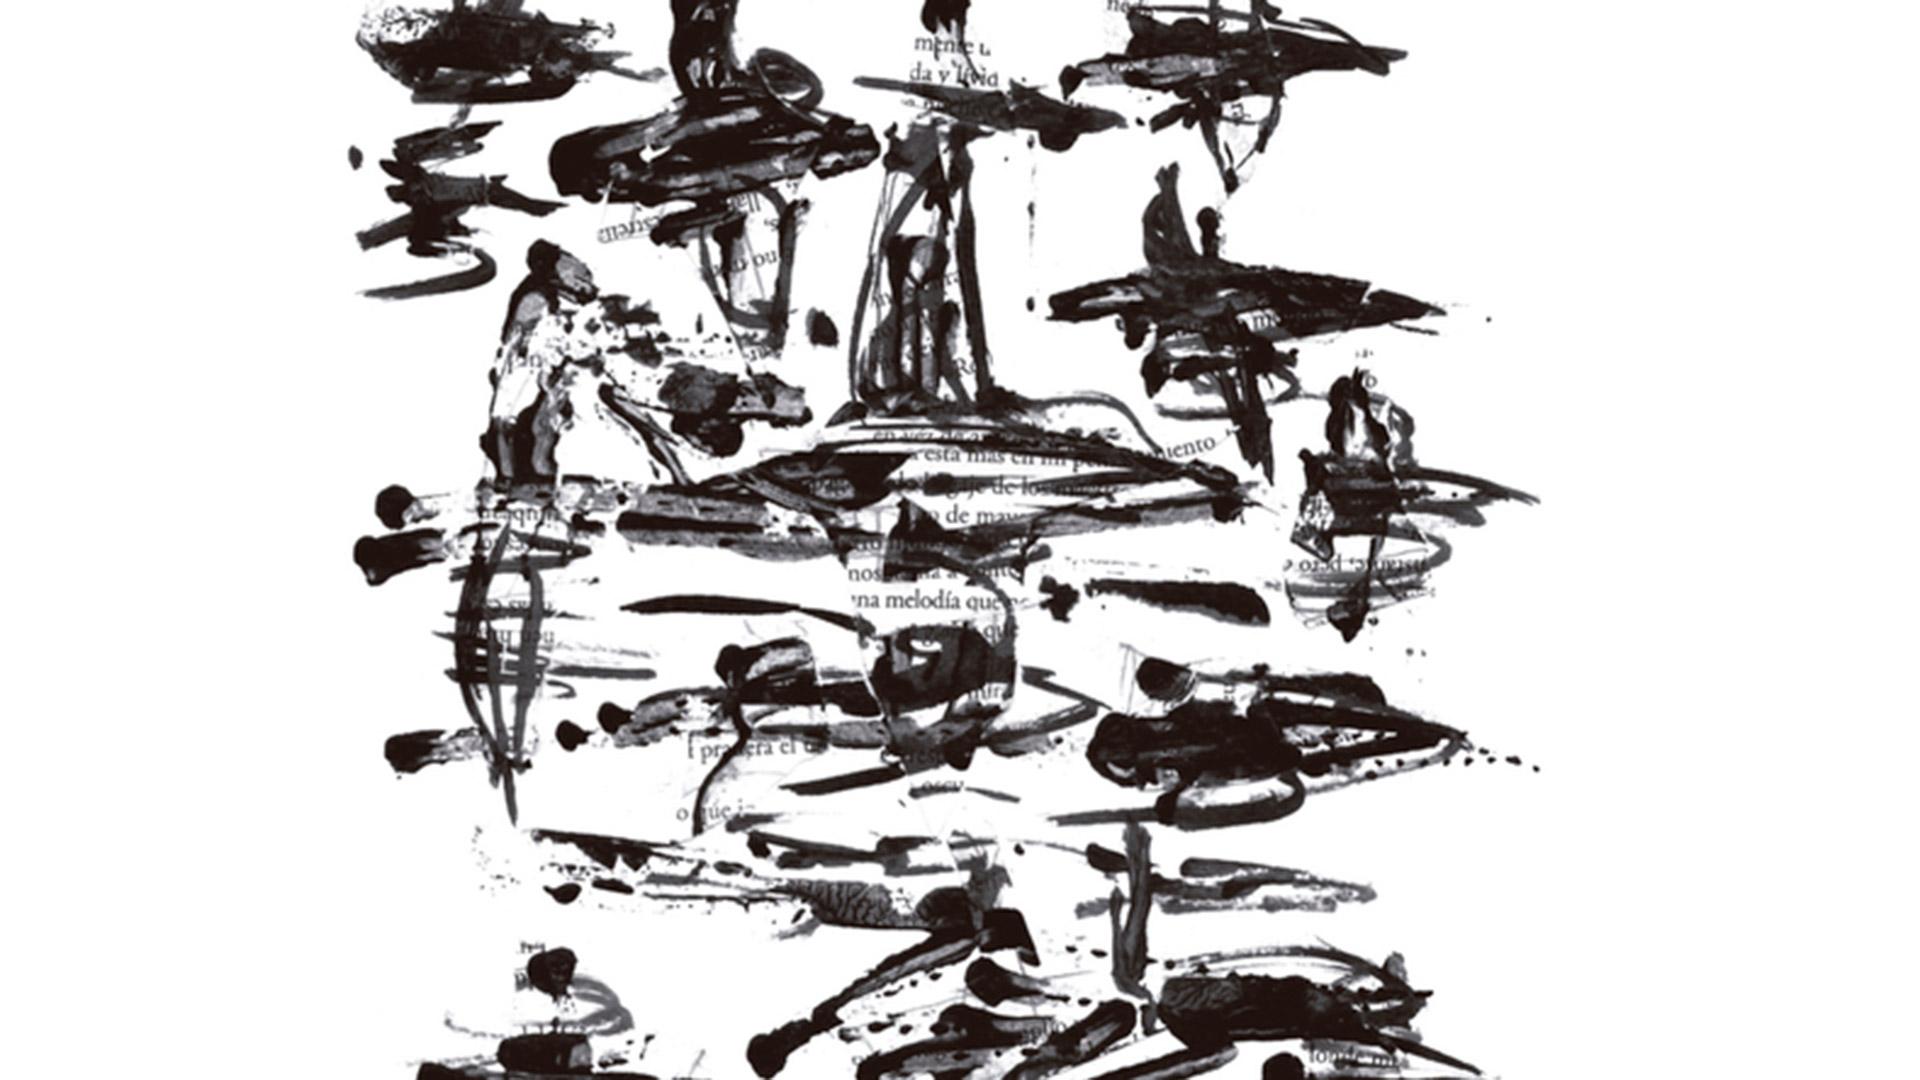 Pájaros de sombra: la antología de poesía de mujeres colombianas que ganó el International Latino Book Award